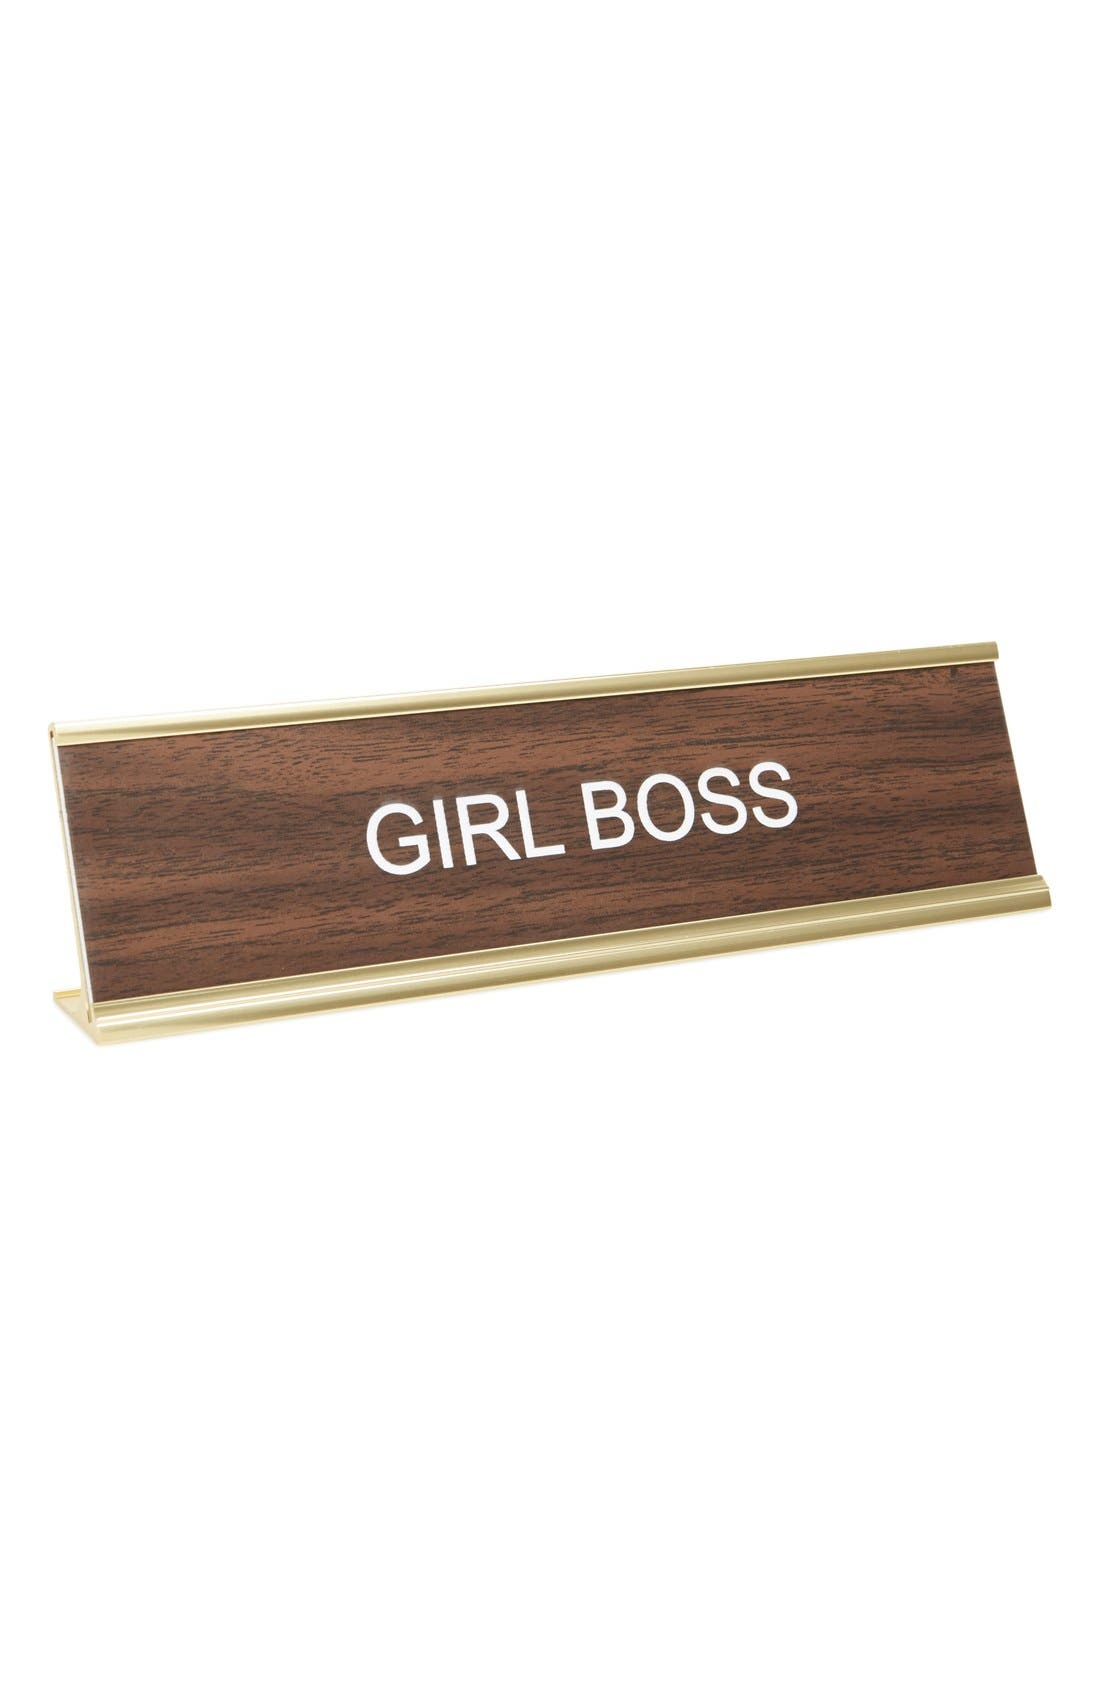 HE SAID, SHE SAID 'Girl Boss' Desk Sign